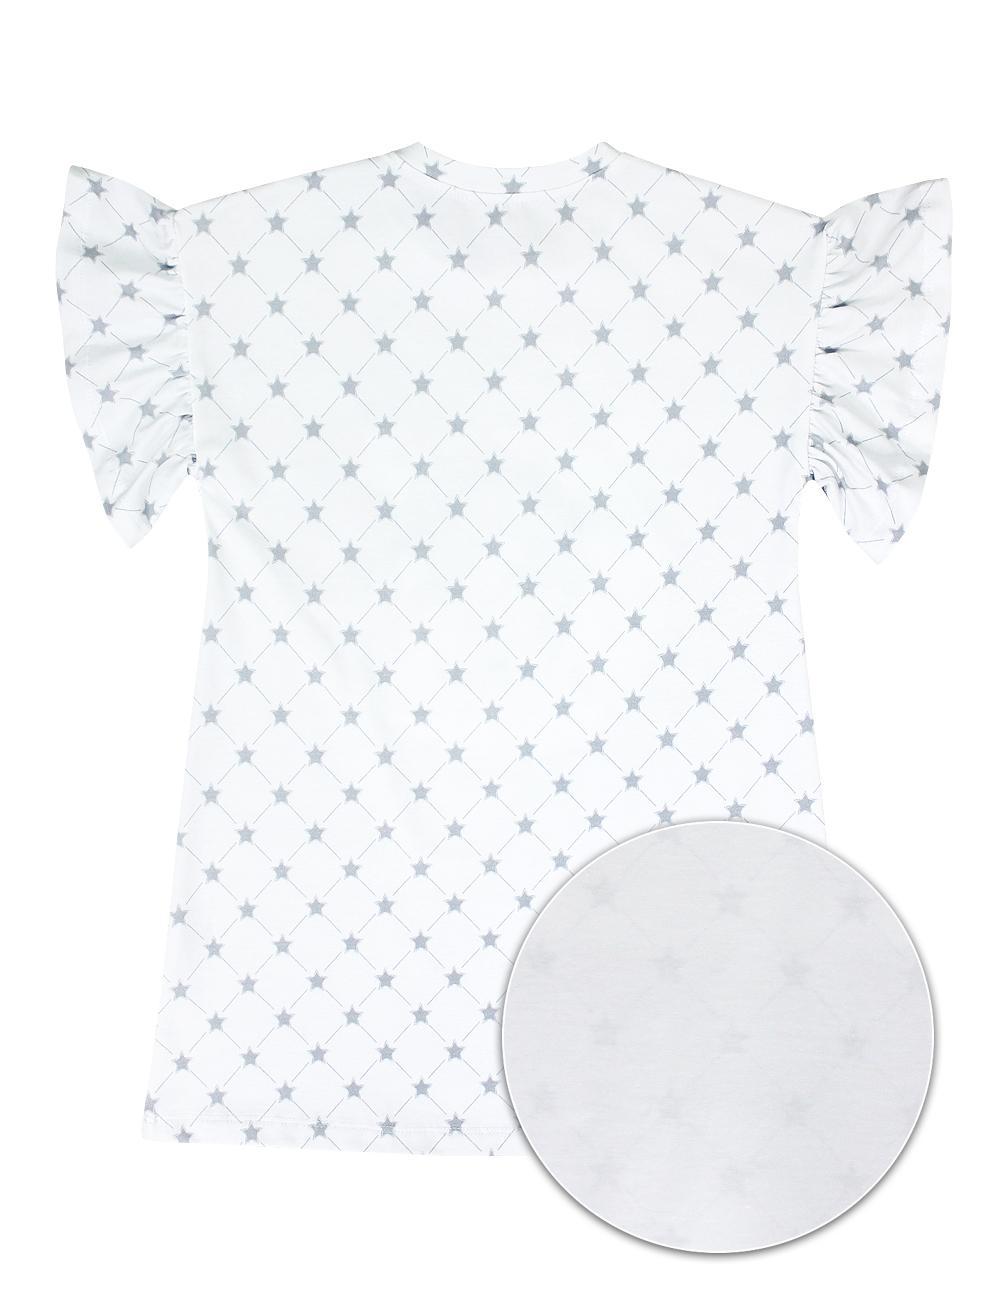 Сорочка детская KETMIN Облачко цв.Белый со звёздами